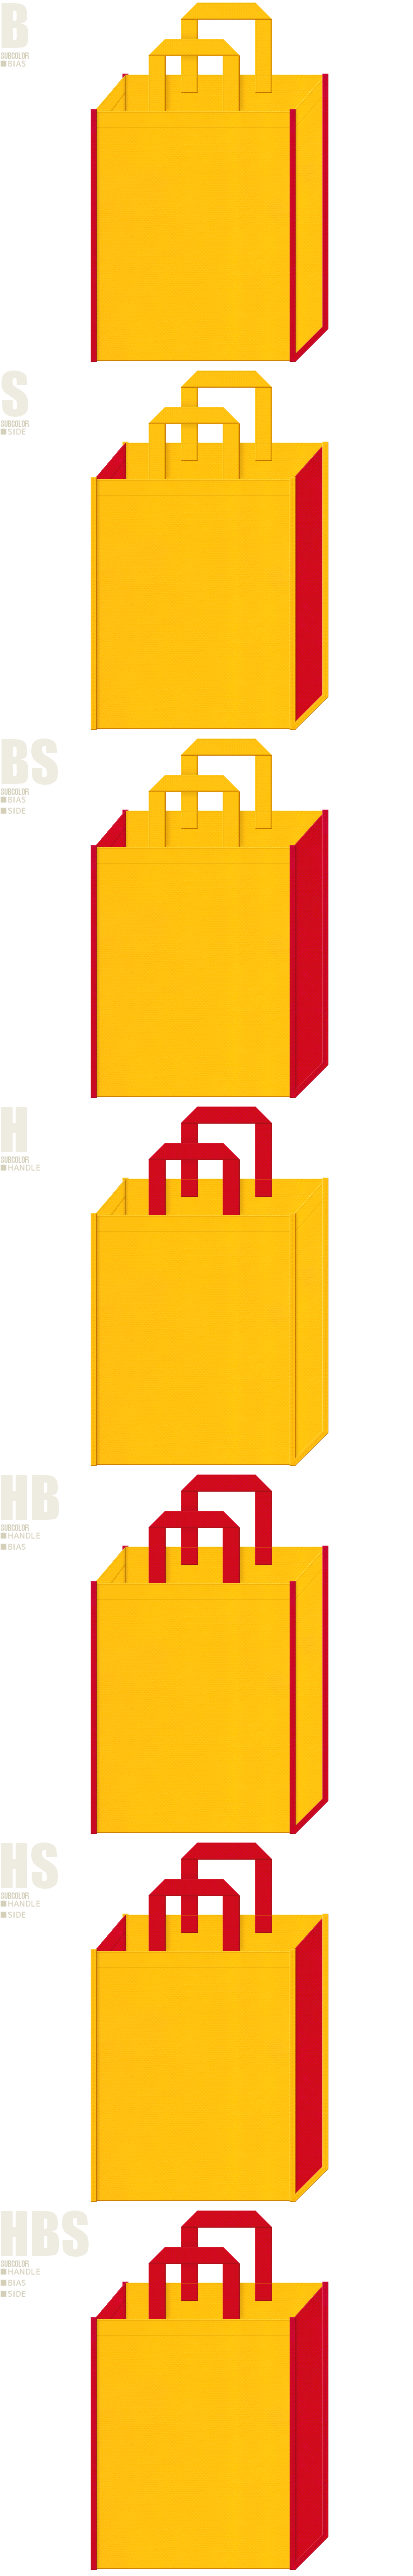 琉球舞踊・アフリカ・カーニバル・サンバ・ピエロ・サーカス・ゲーム・パズル・おもちゃ・テーマパーク・節分・赤鬼・通園バッグ・キッズイベントにお奨めの不織布バッグデザイン:黄色と紅色の配色7パターン。